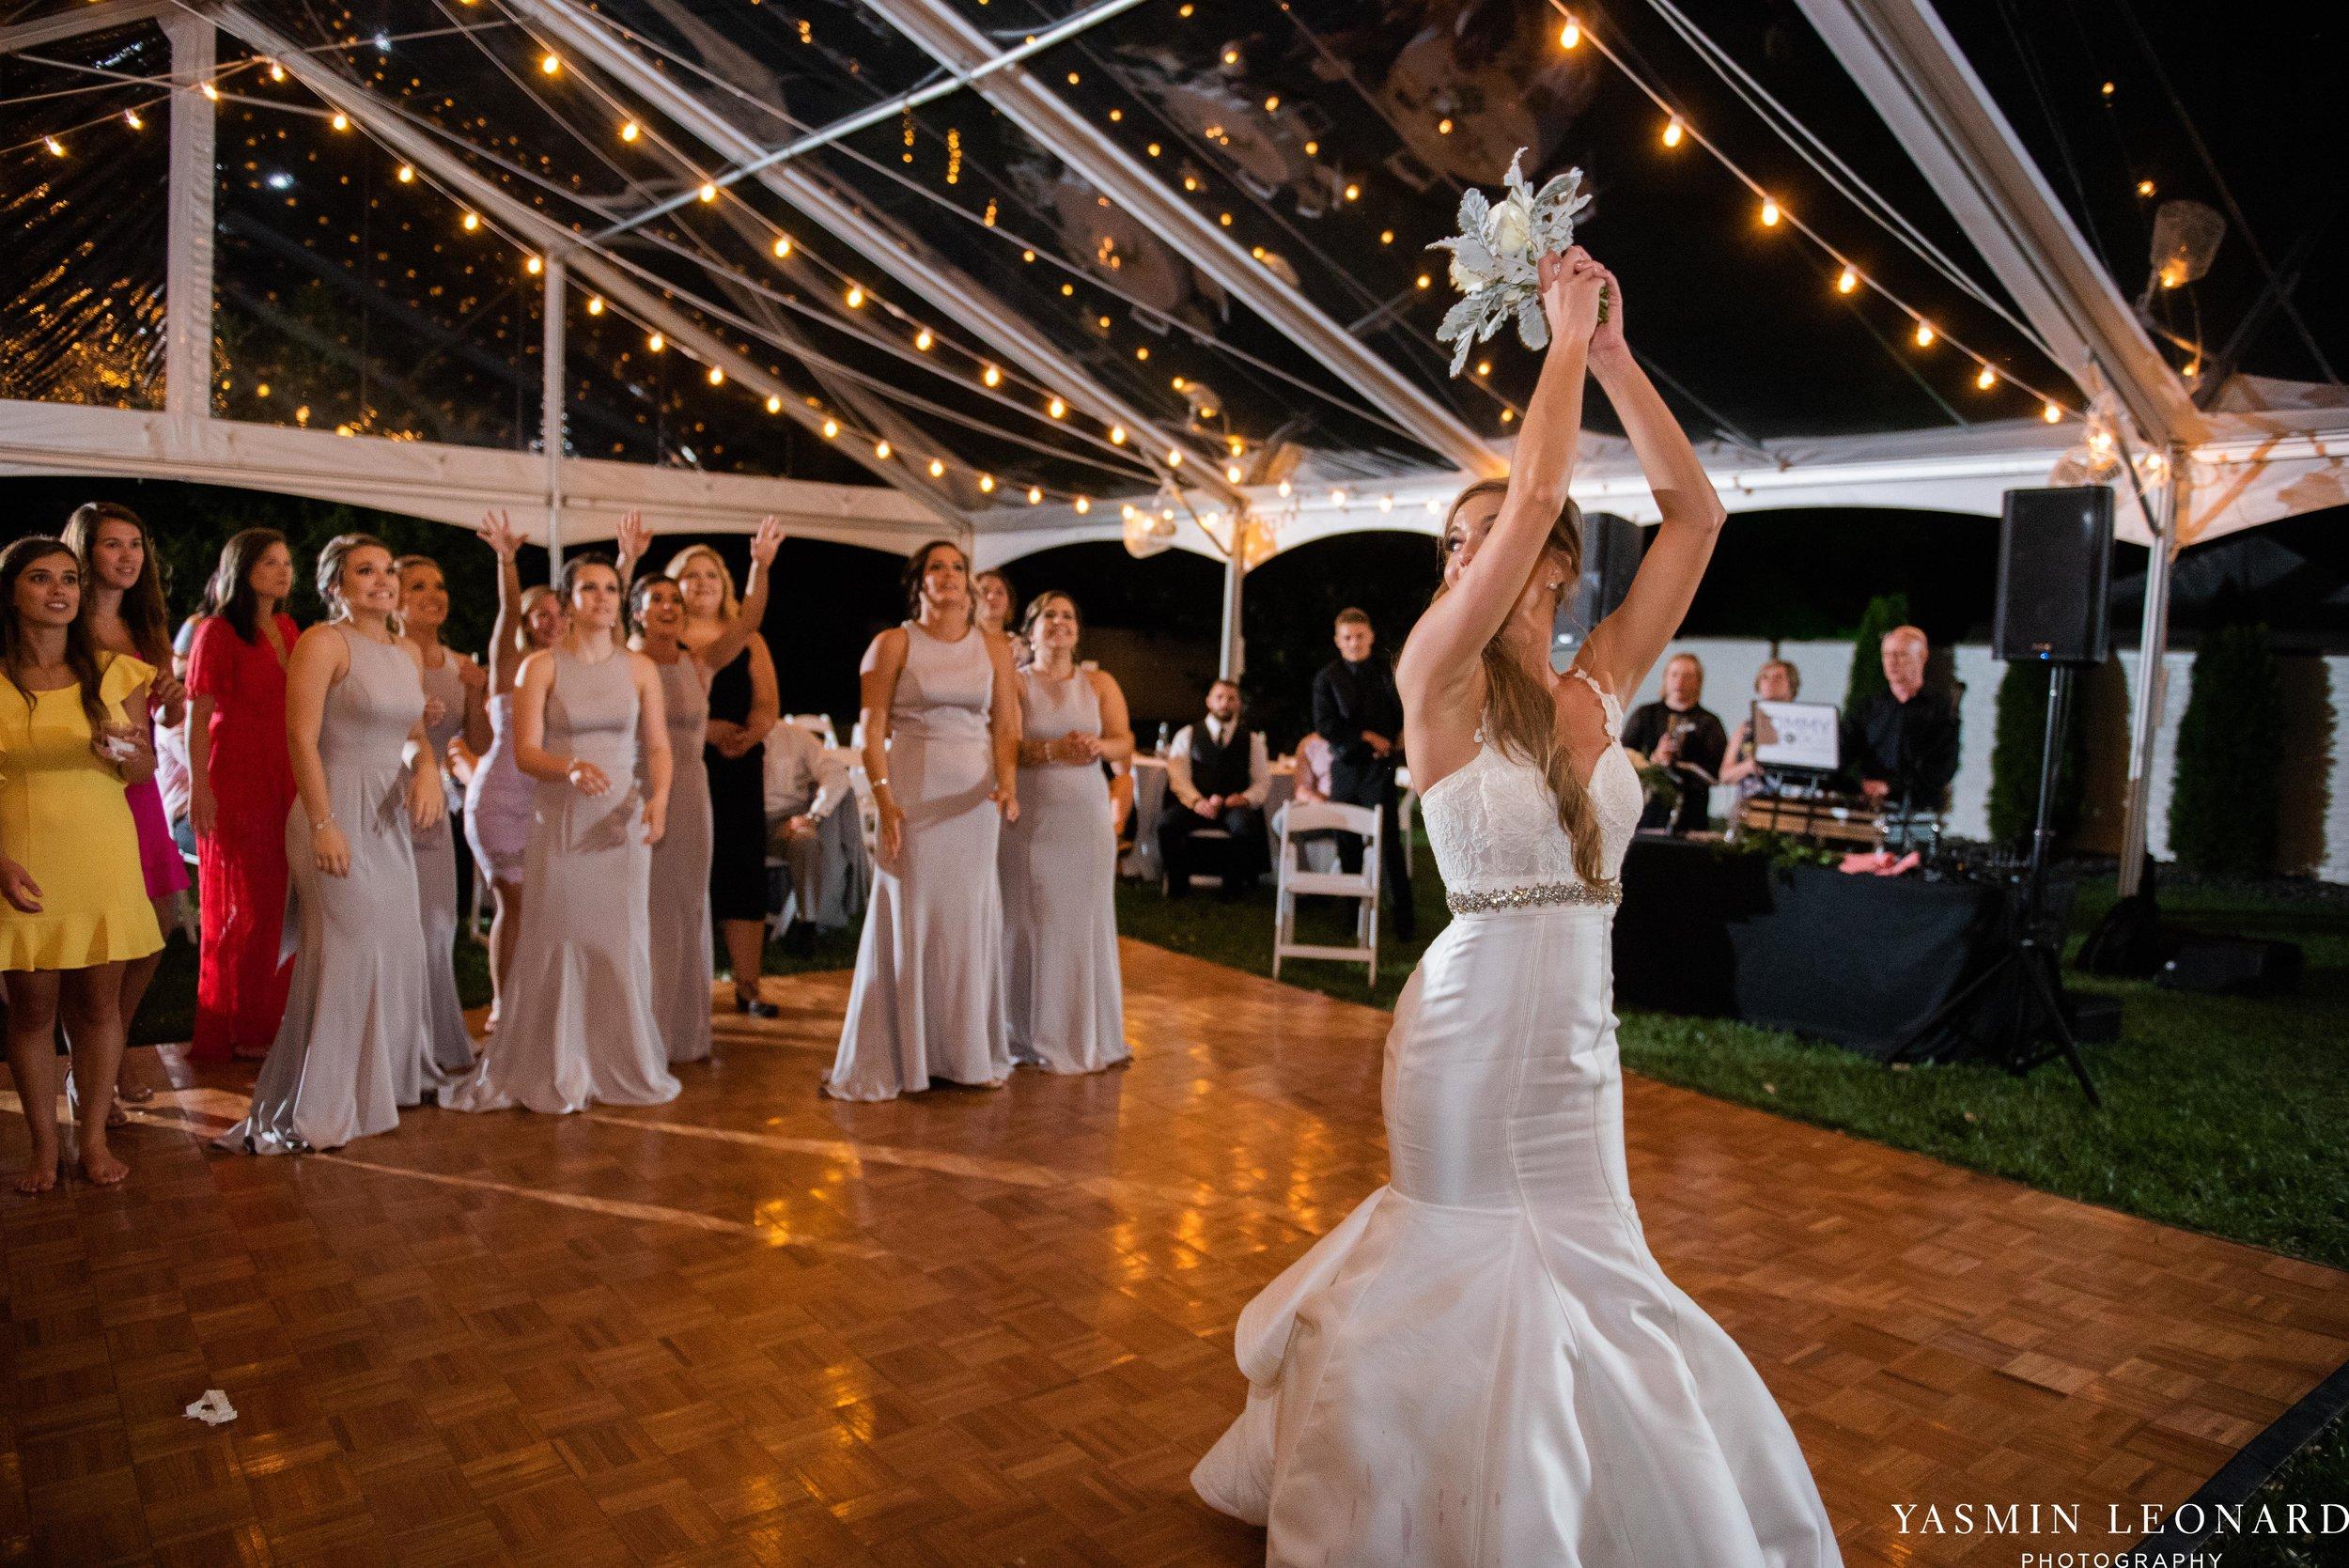 Boxwood Estate - Boxwood Estate Wedding - Luxury Wedding - Black and White Wedding - NC Wedding Venues - NC Weddings - NC Photographer - Lantern Release Grand Exit - Large Wedding Party - Yasmin Leonard Photography-83.jpg